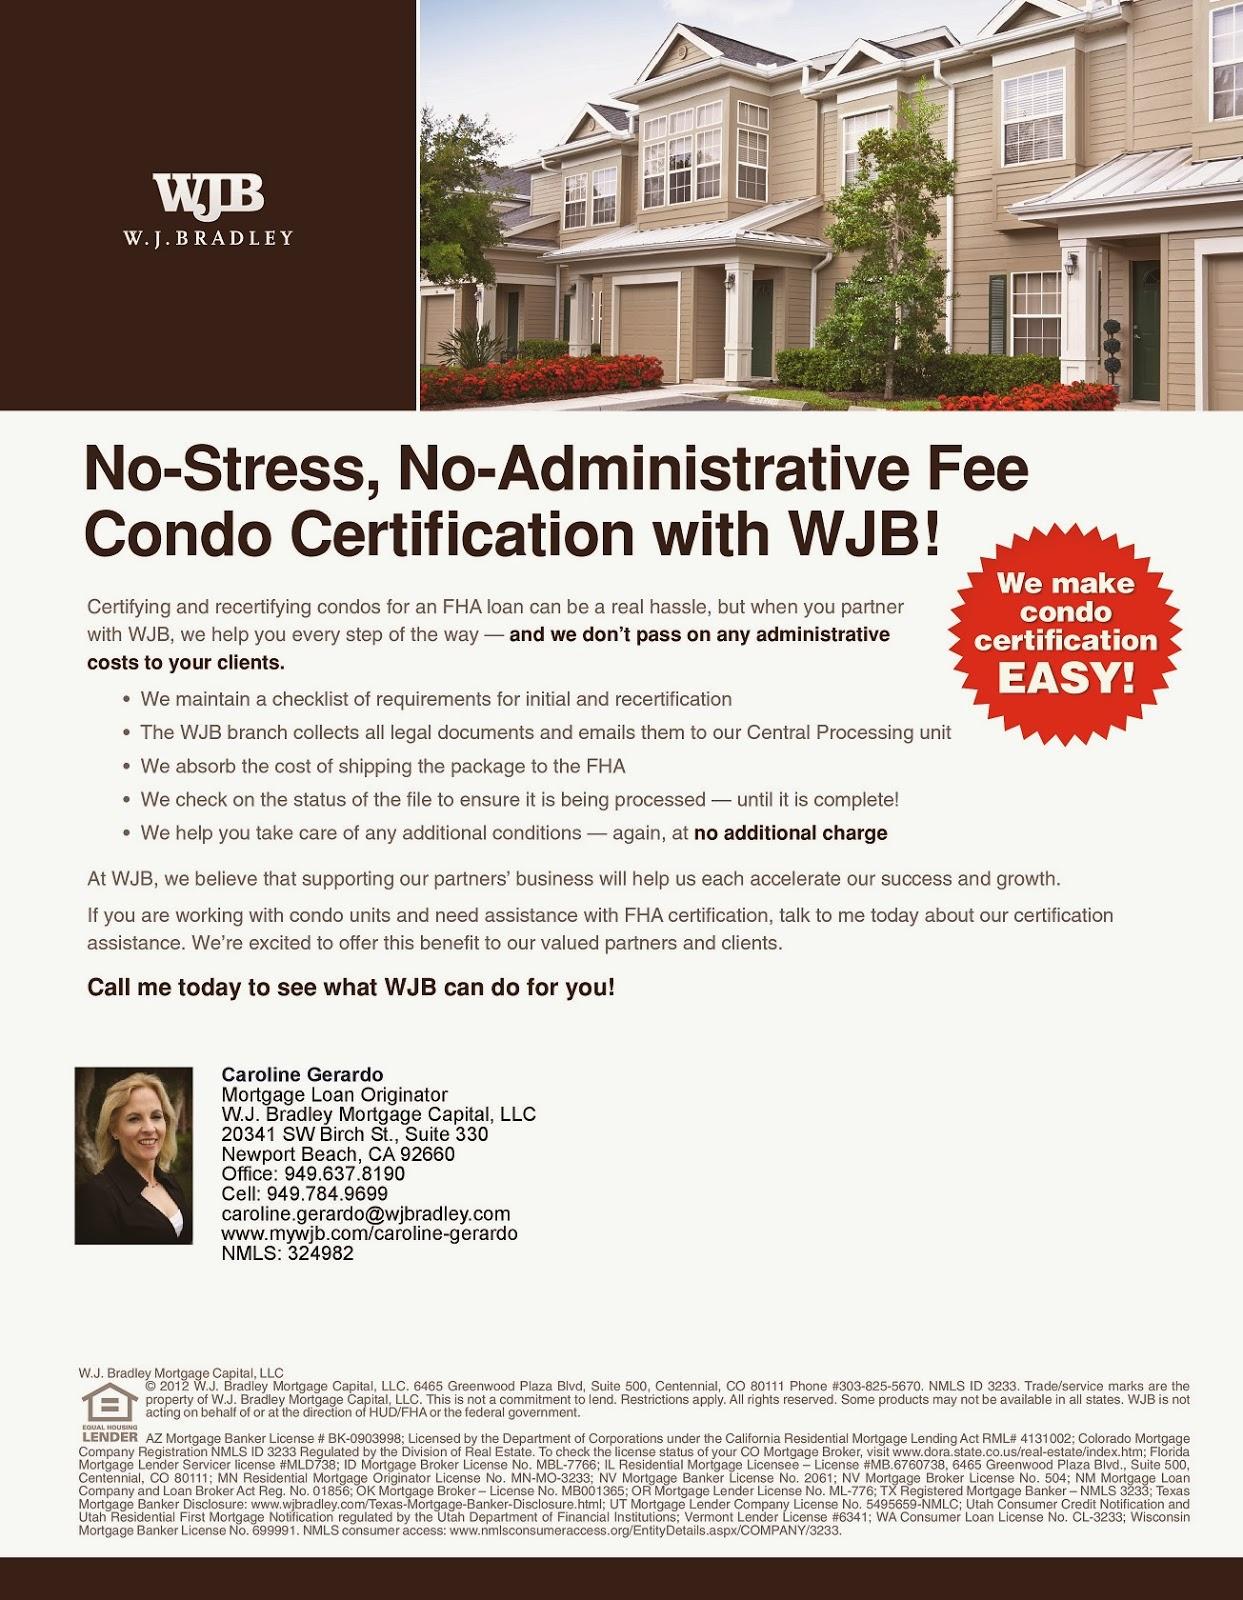 Mortgage Loans Caroline Gerardo Home : 05/2013